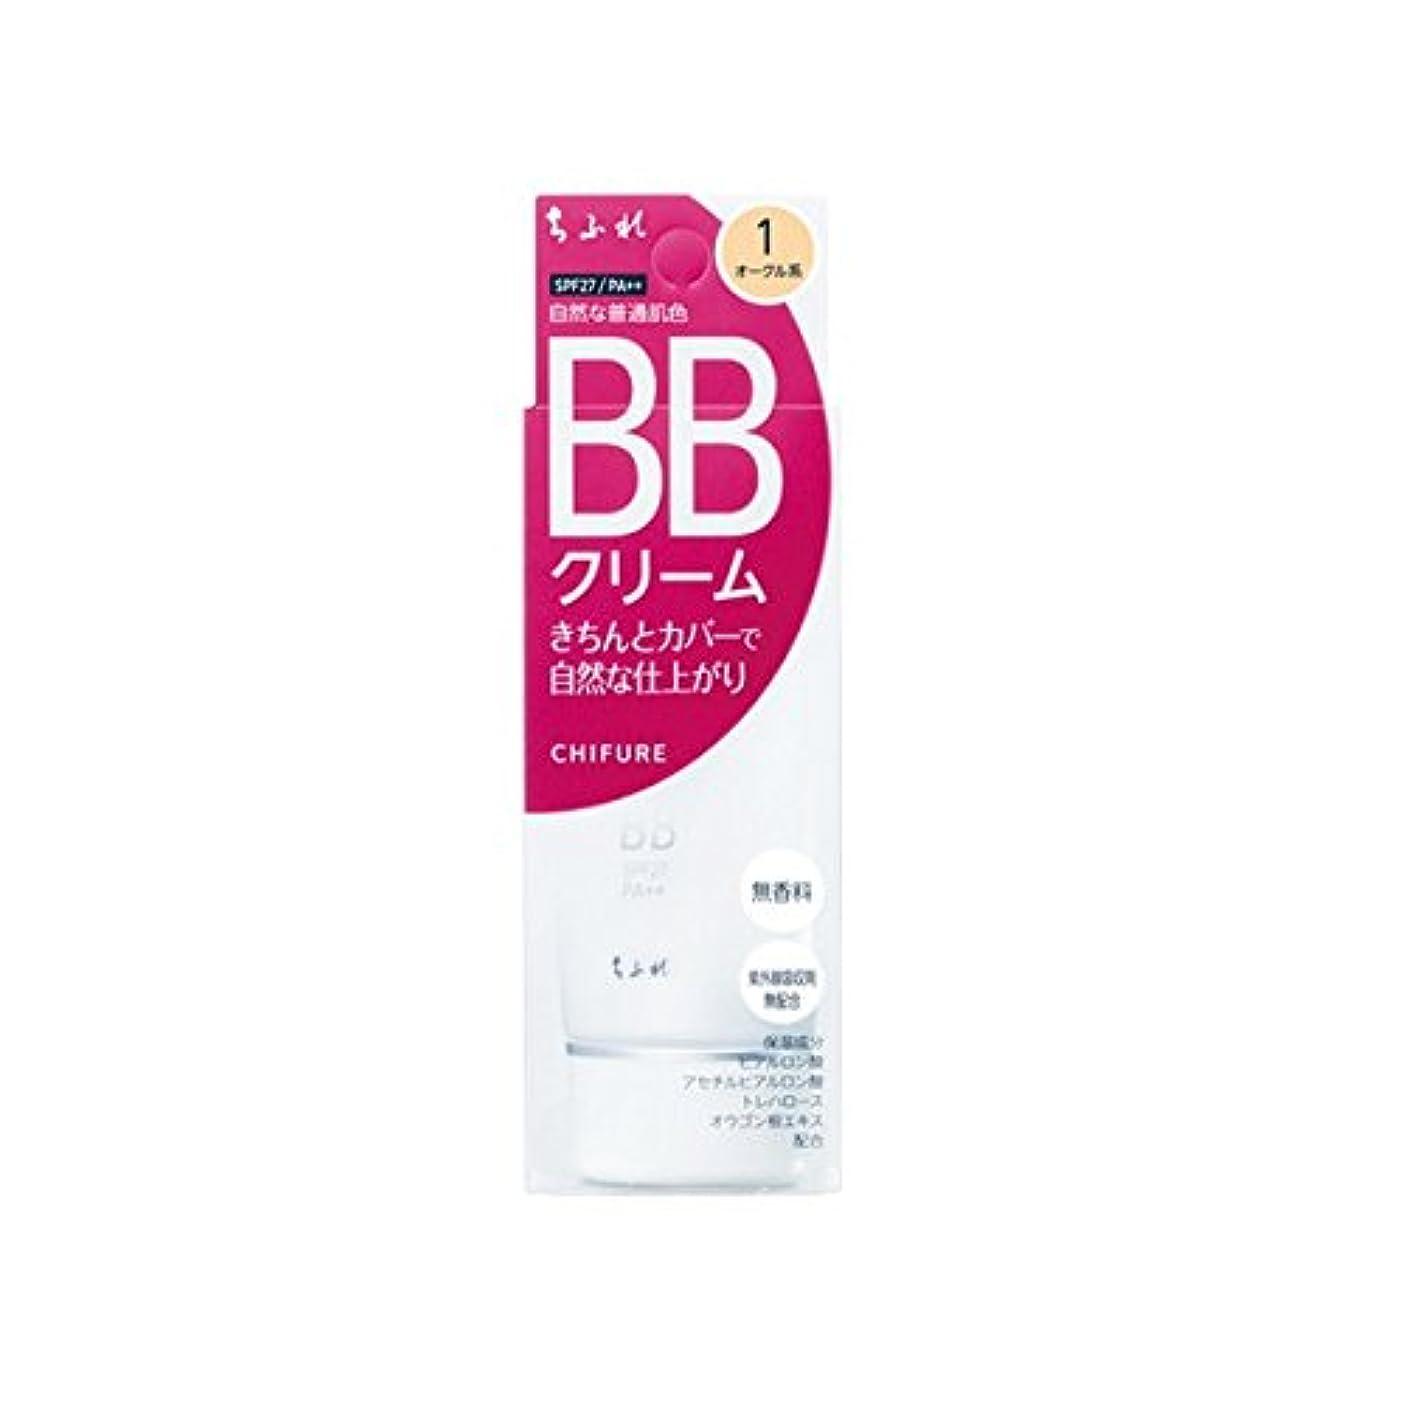 没頭する陽気な心配するちふれ化粧品 BB クリーム 1 自然な普通肌色 BBクリーム 1